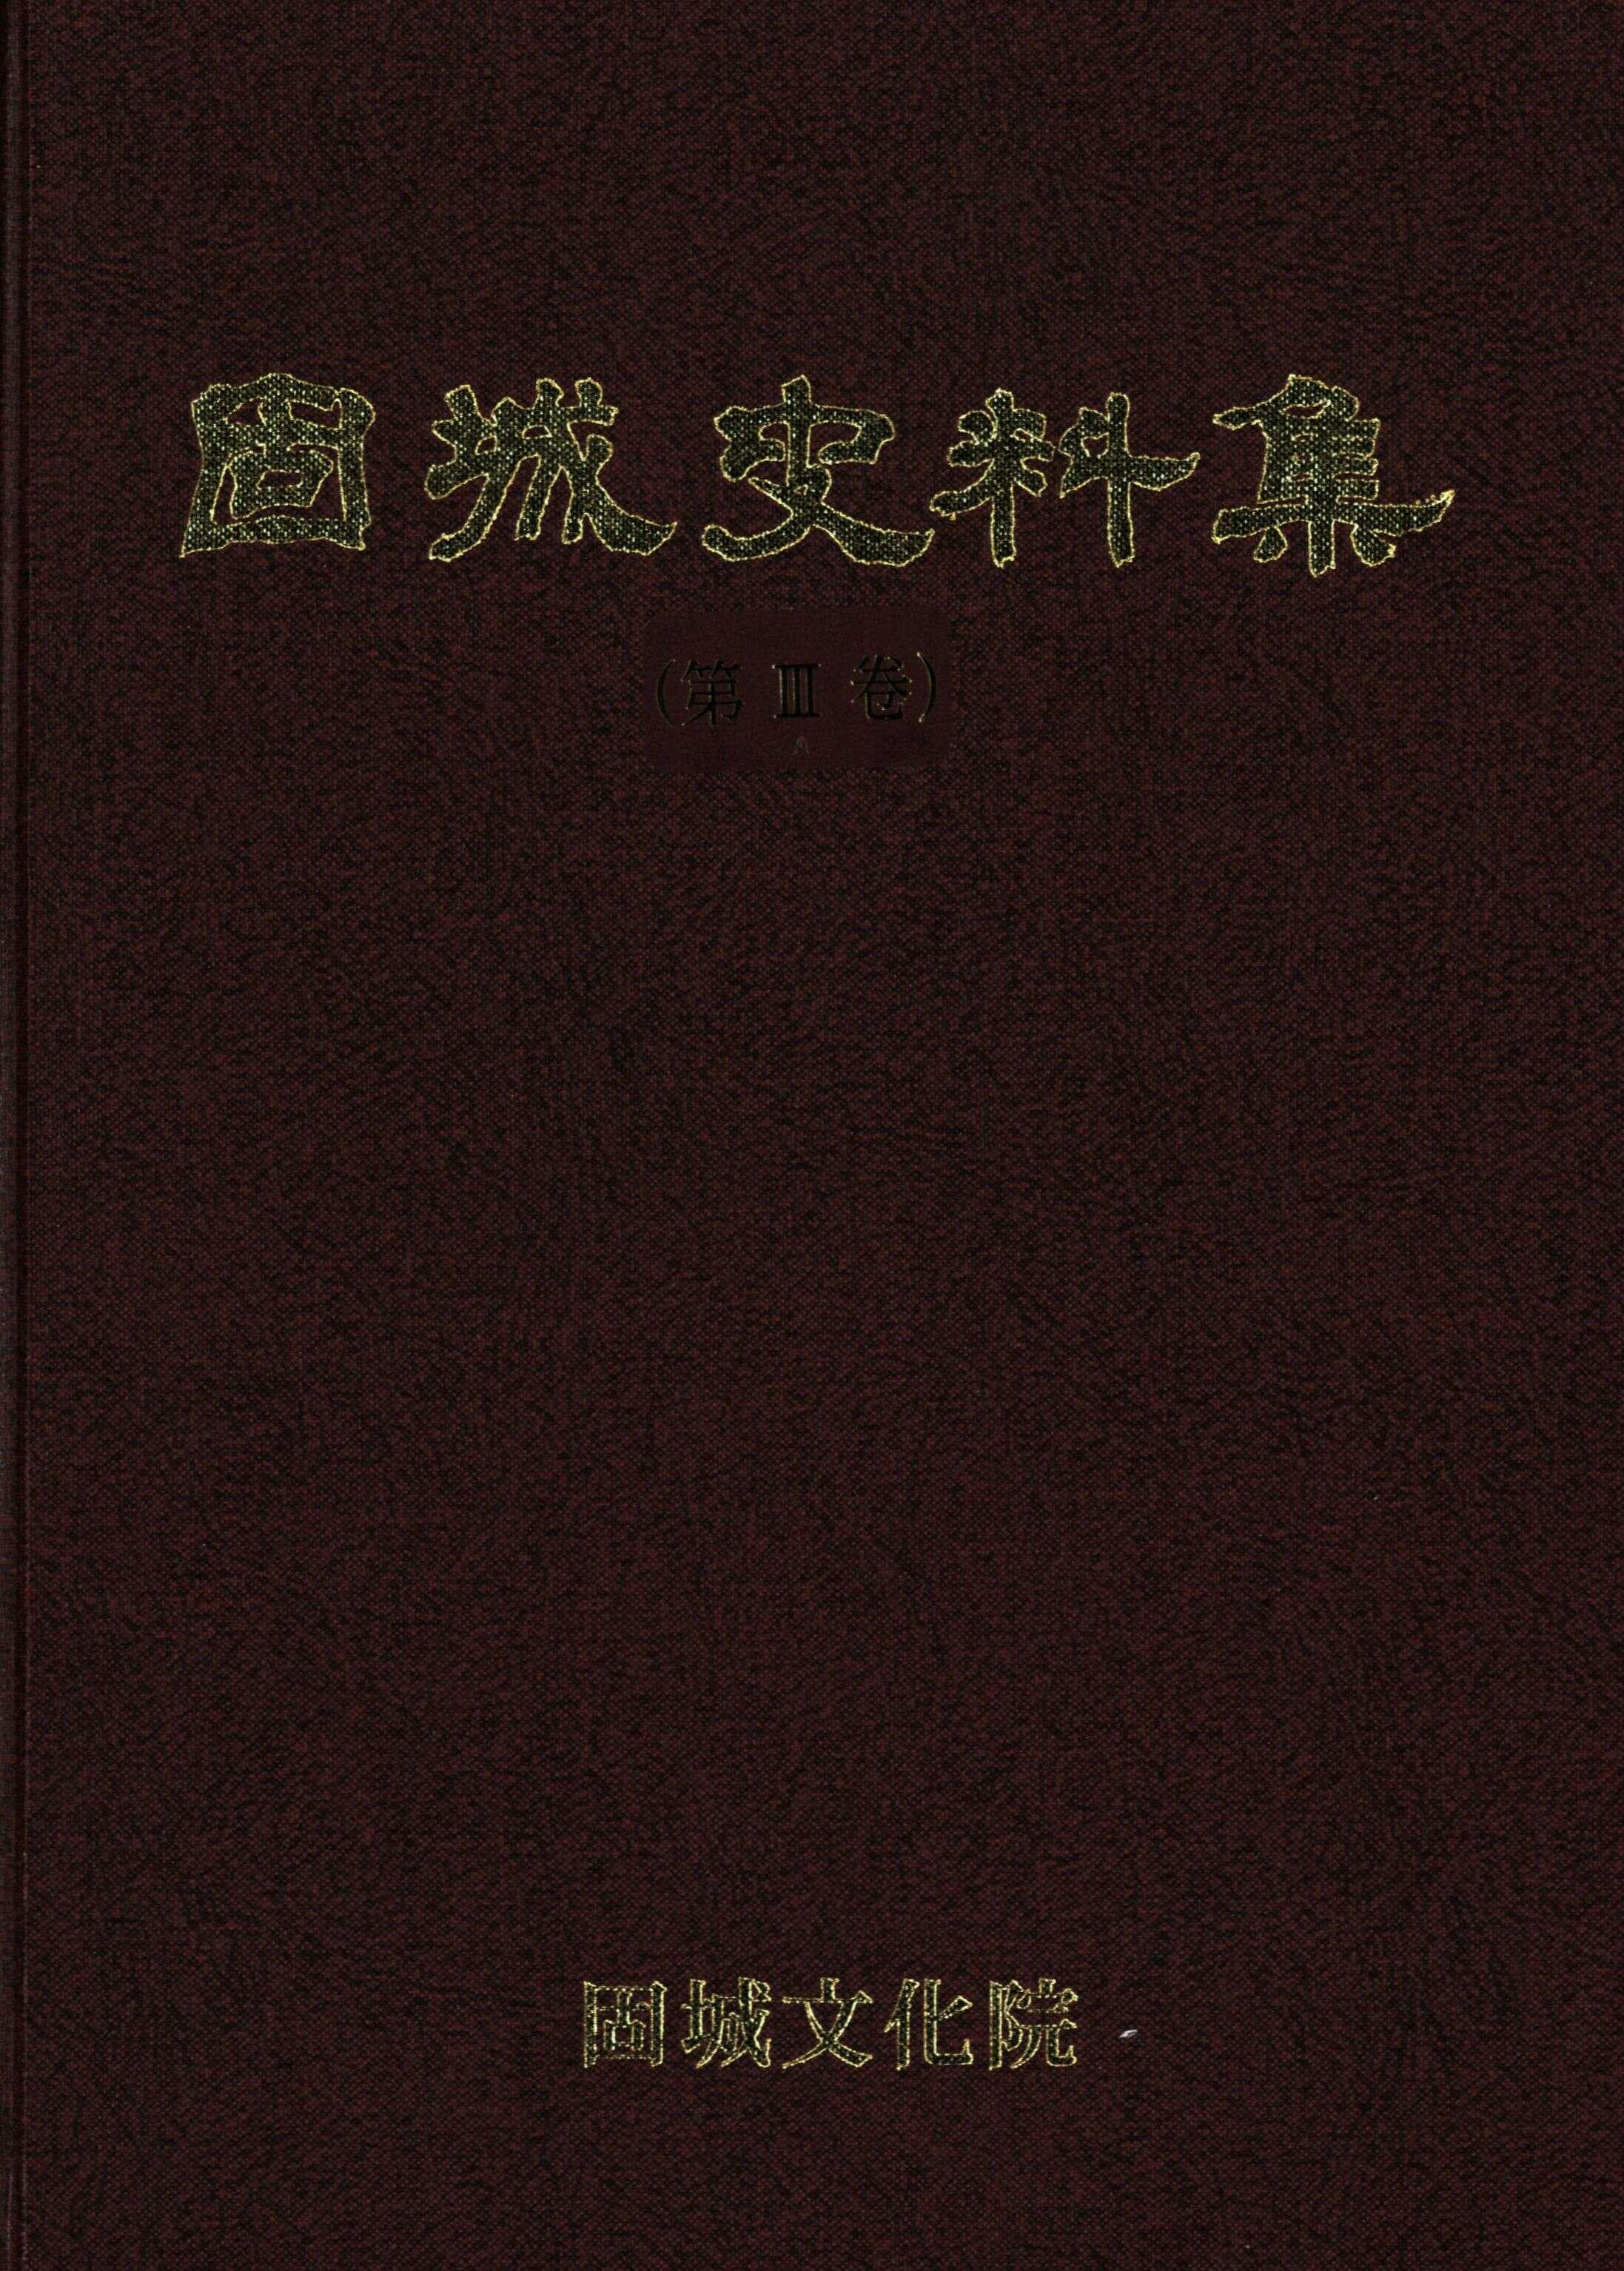 固城史料集 3권(고성사료집 3권)